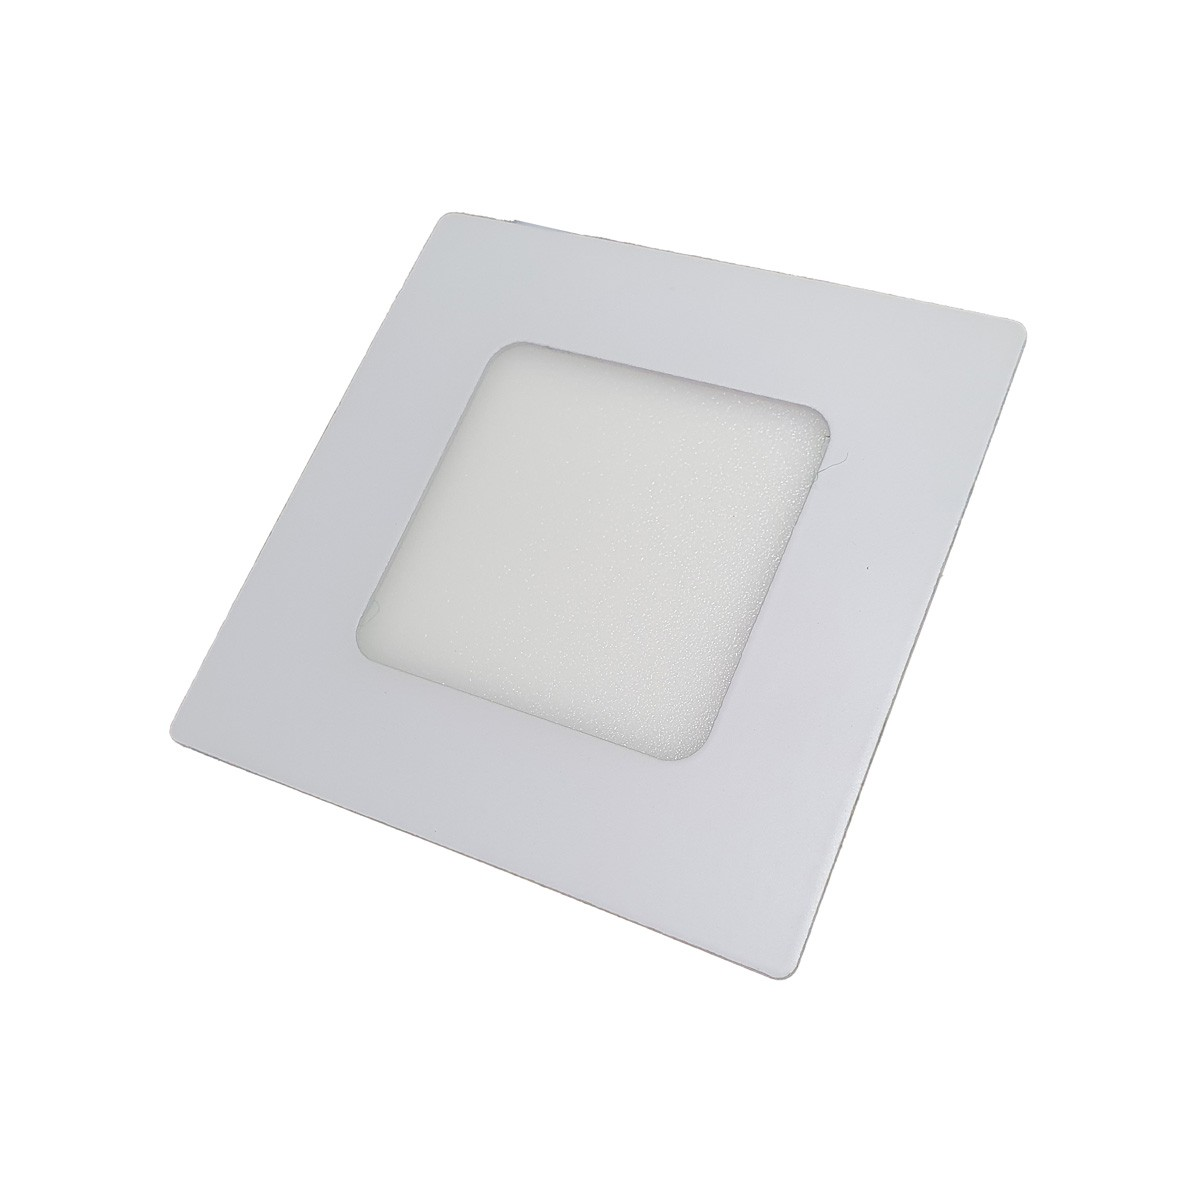 Kit 6 luminaria 3W LED embutir gesso Luz fria 6500k plafon quadrado